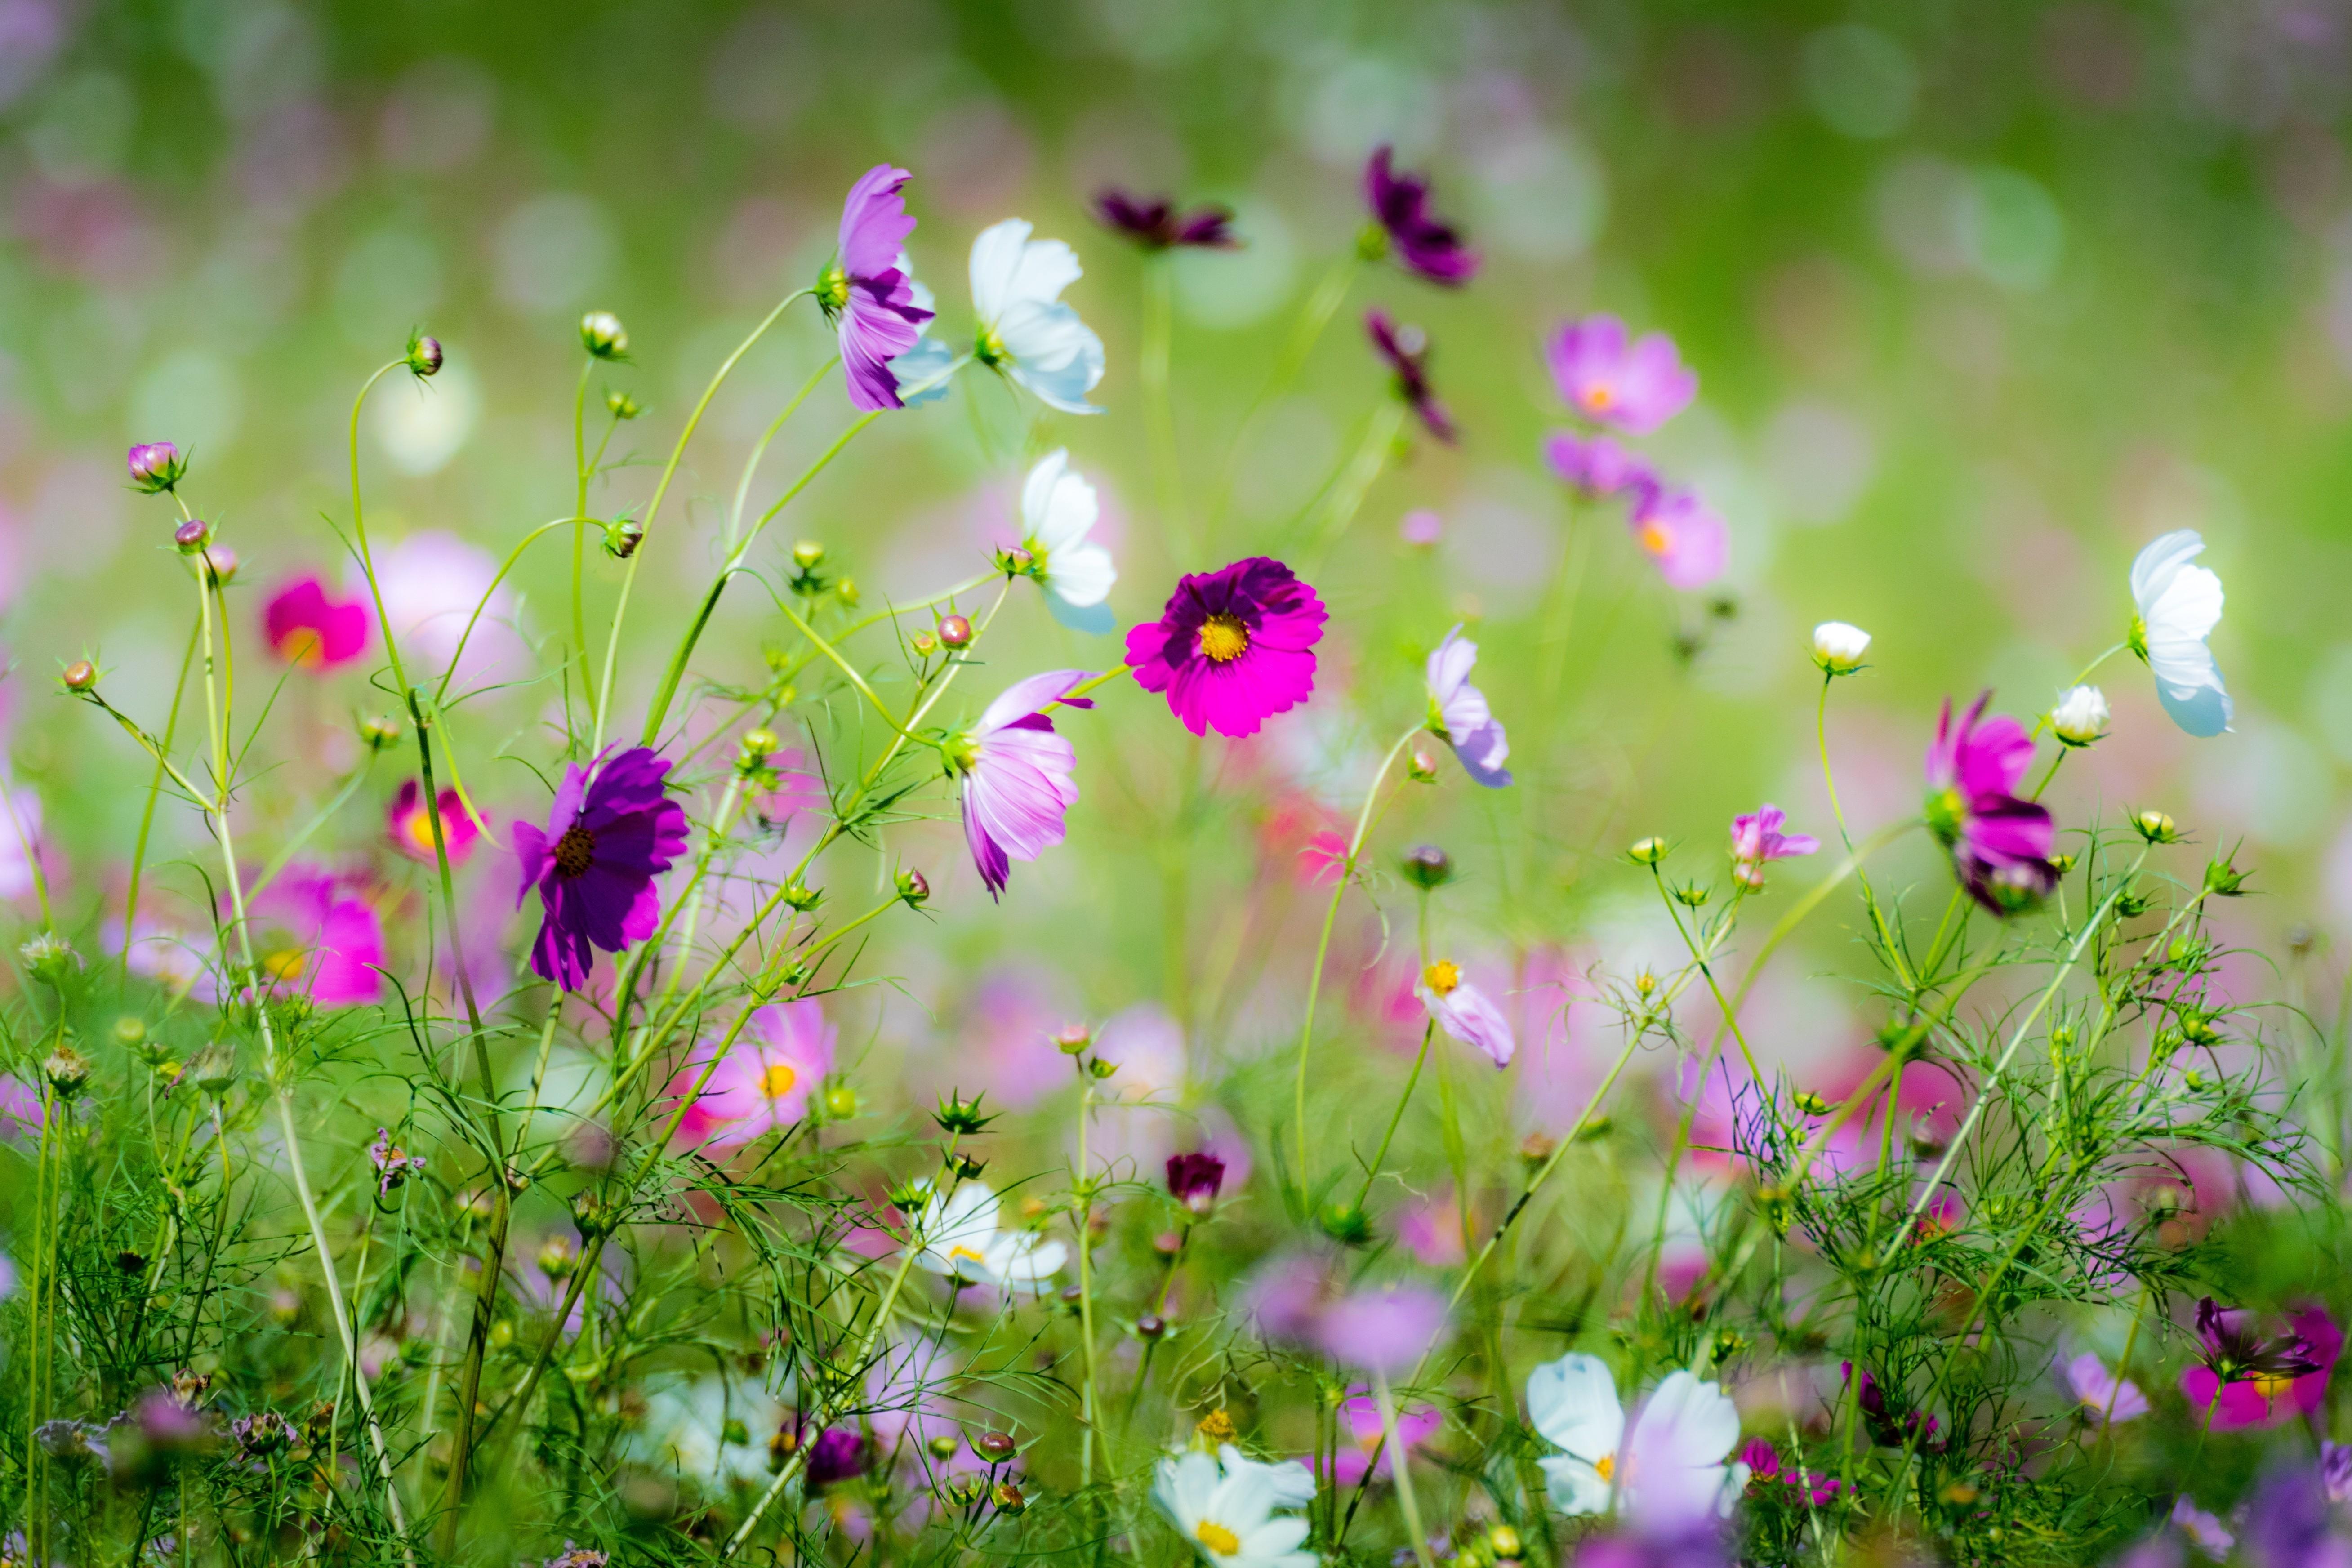 фото цветов в траве